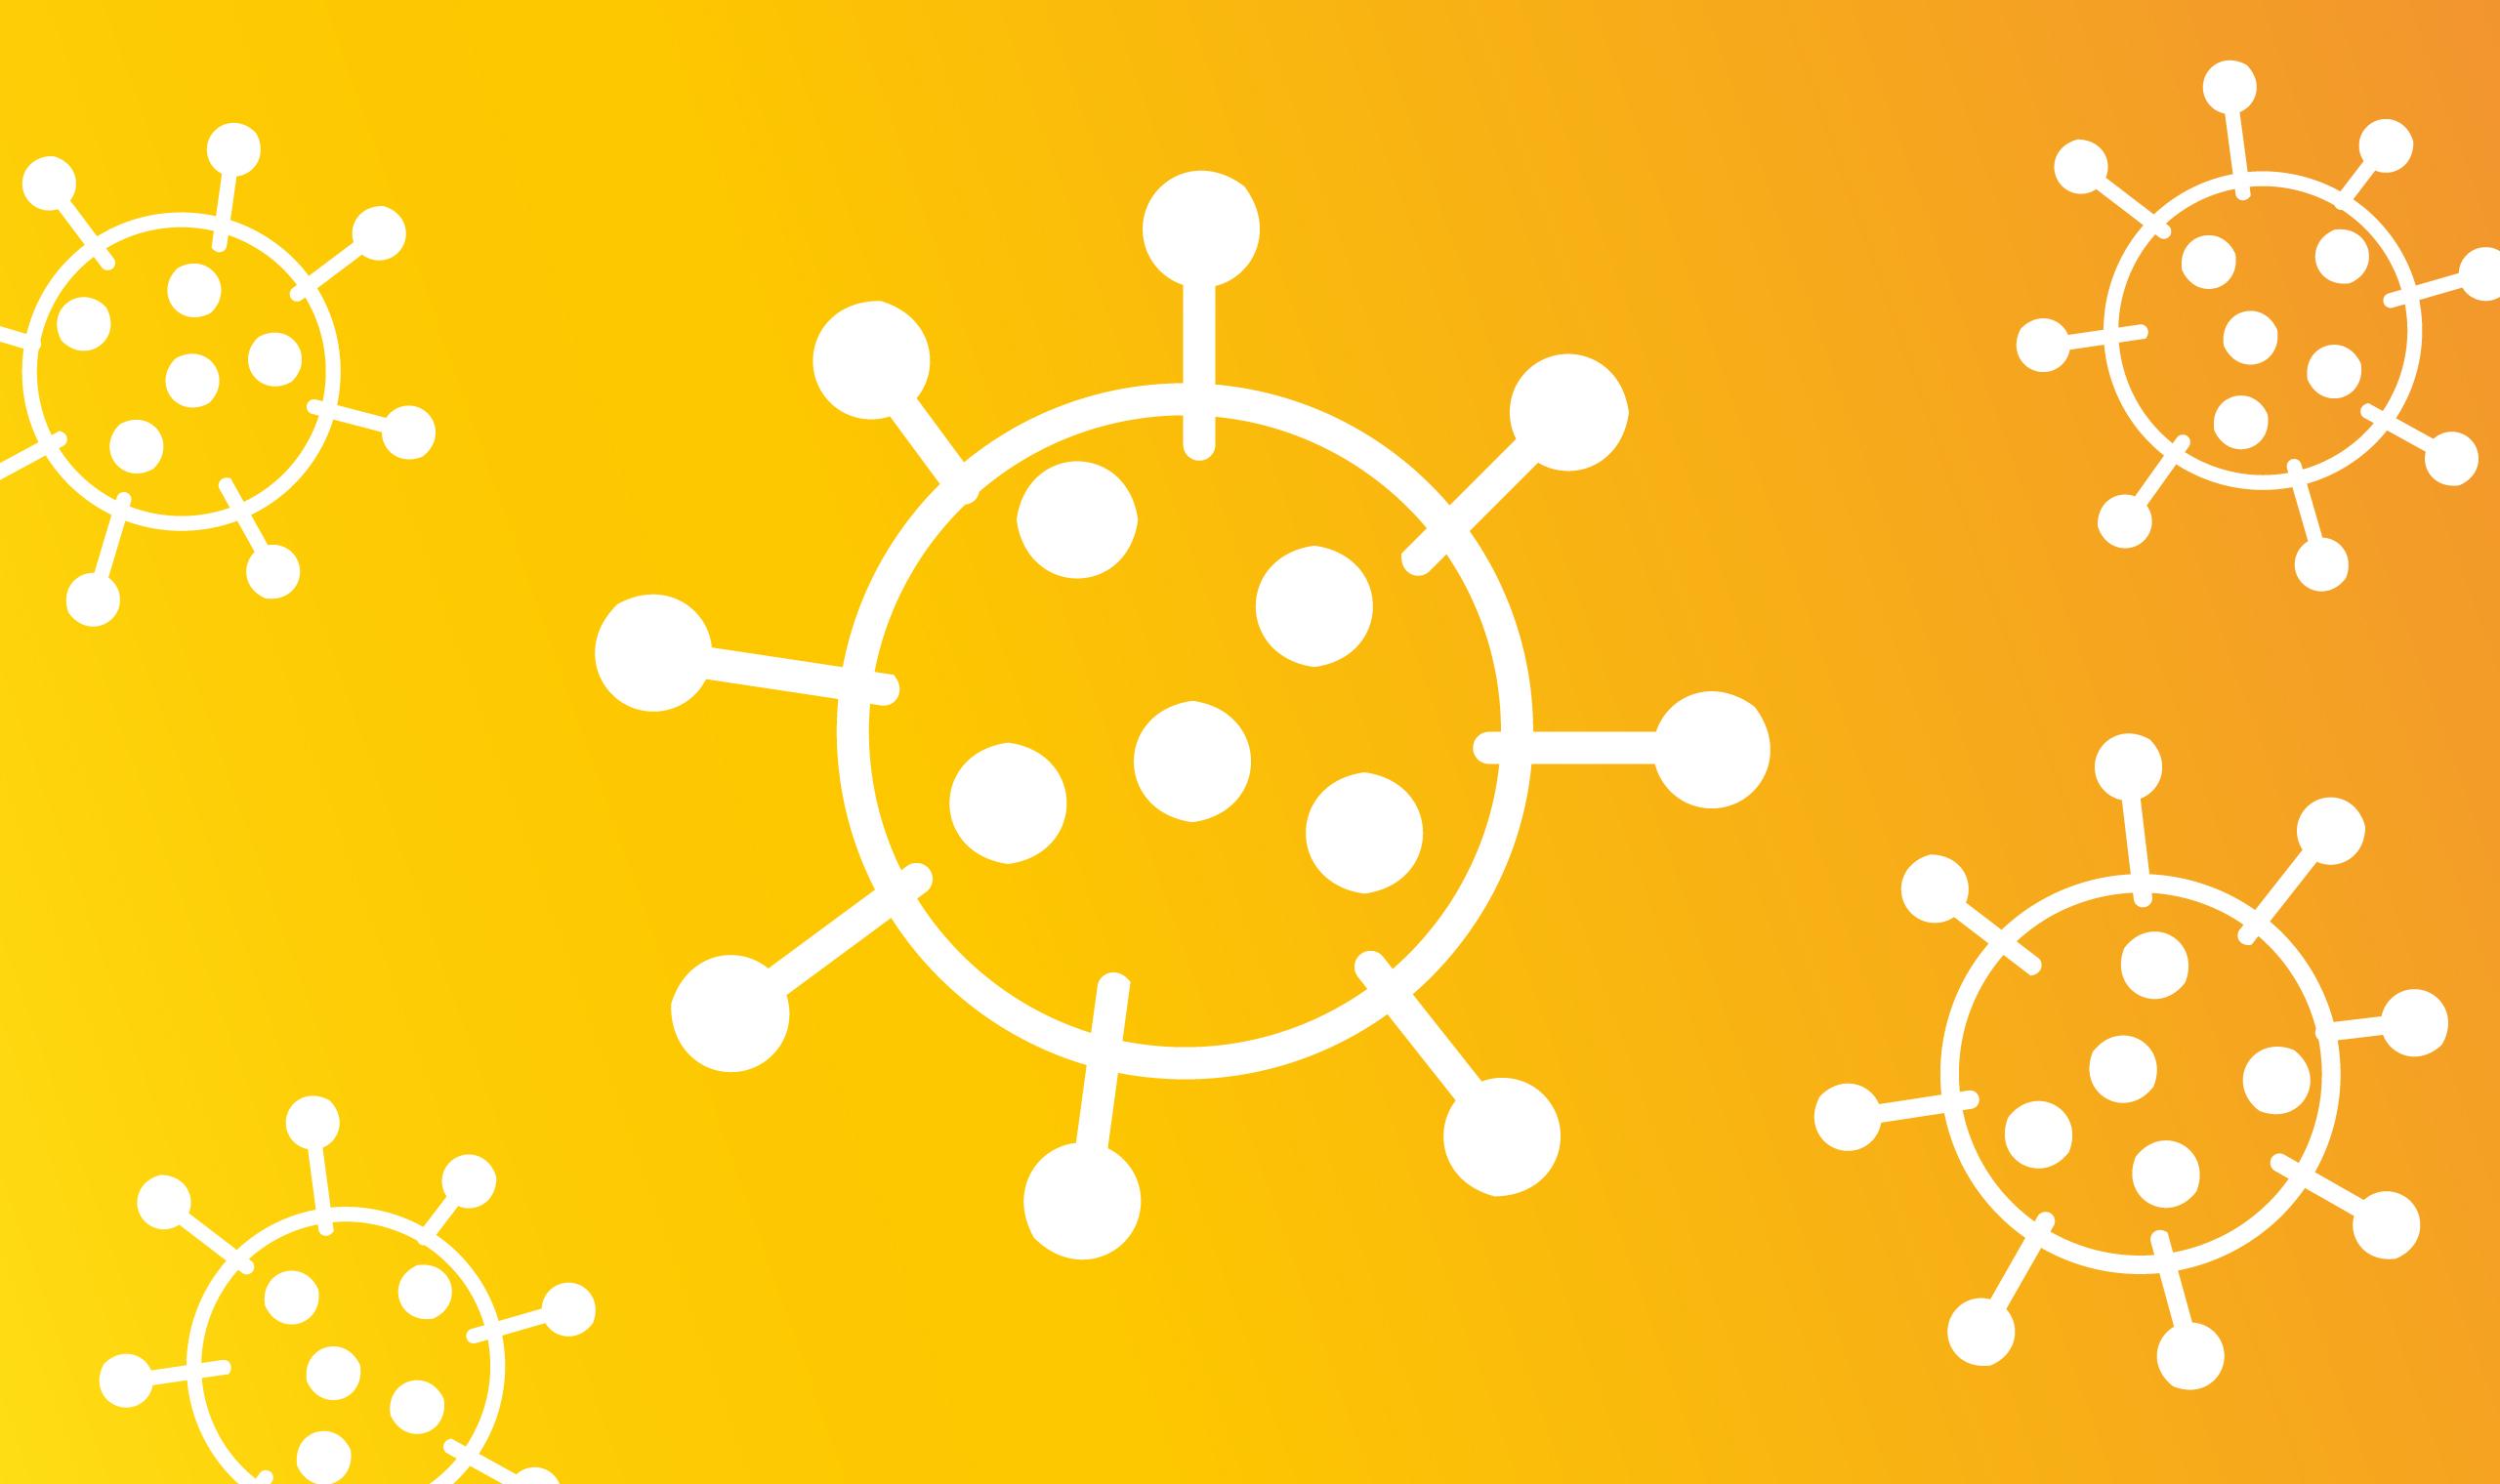 Orangenes Bild mit Viren Grafik